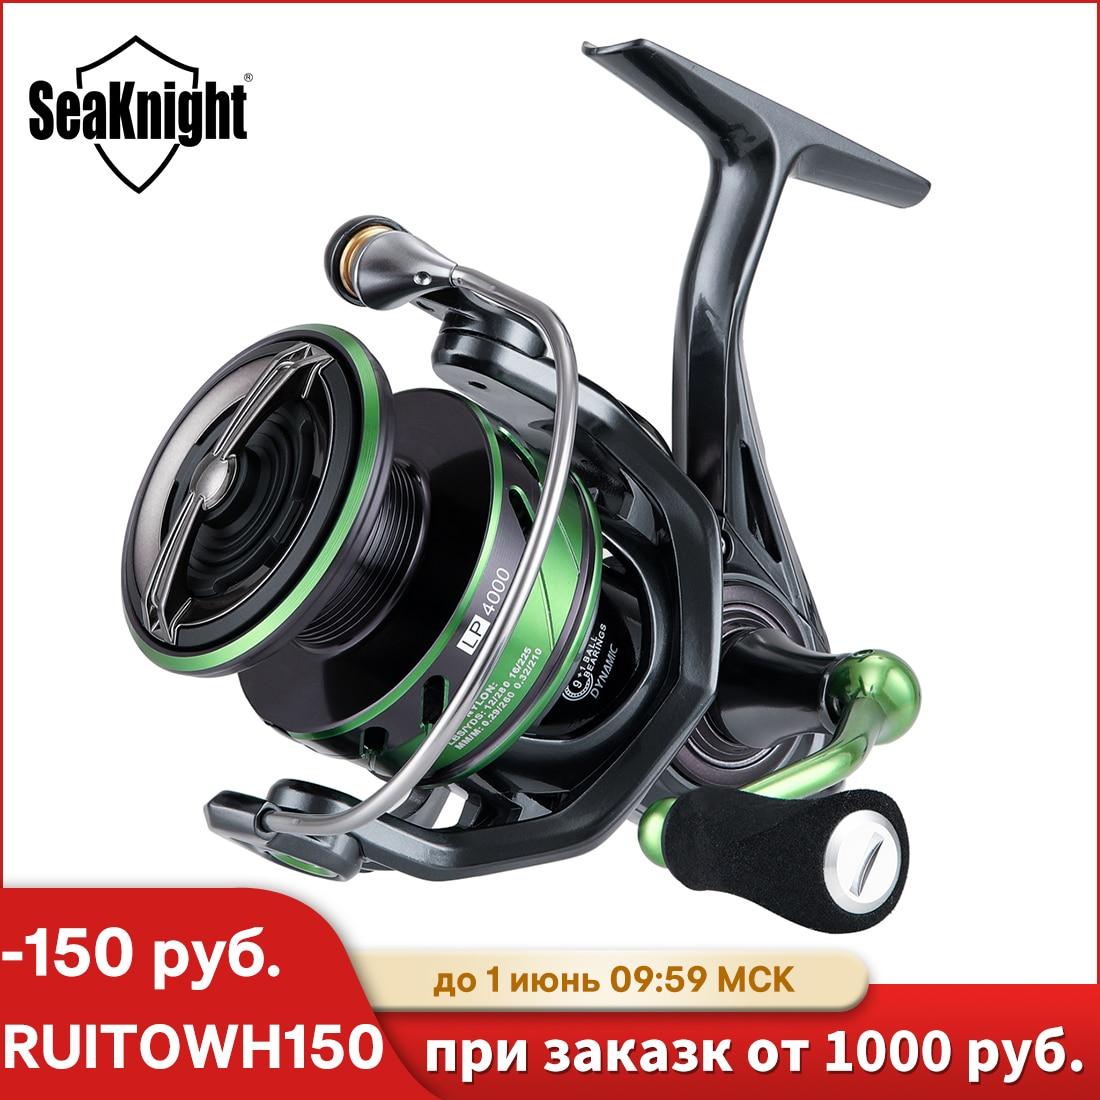 SeaKnight бренд WR III серия 5,2: 1 Рыболовная катушка из углеродного волокна система сопротивления 17lbs Максимальная мощность спиннинговое колесо Рыболовная катушка 2000-5000 1